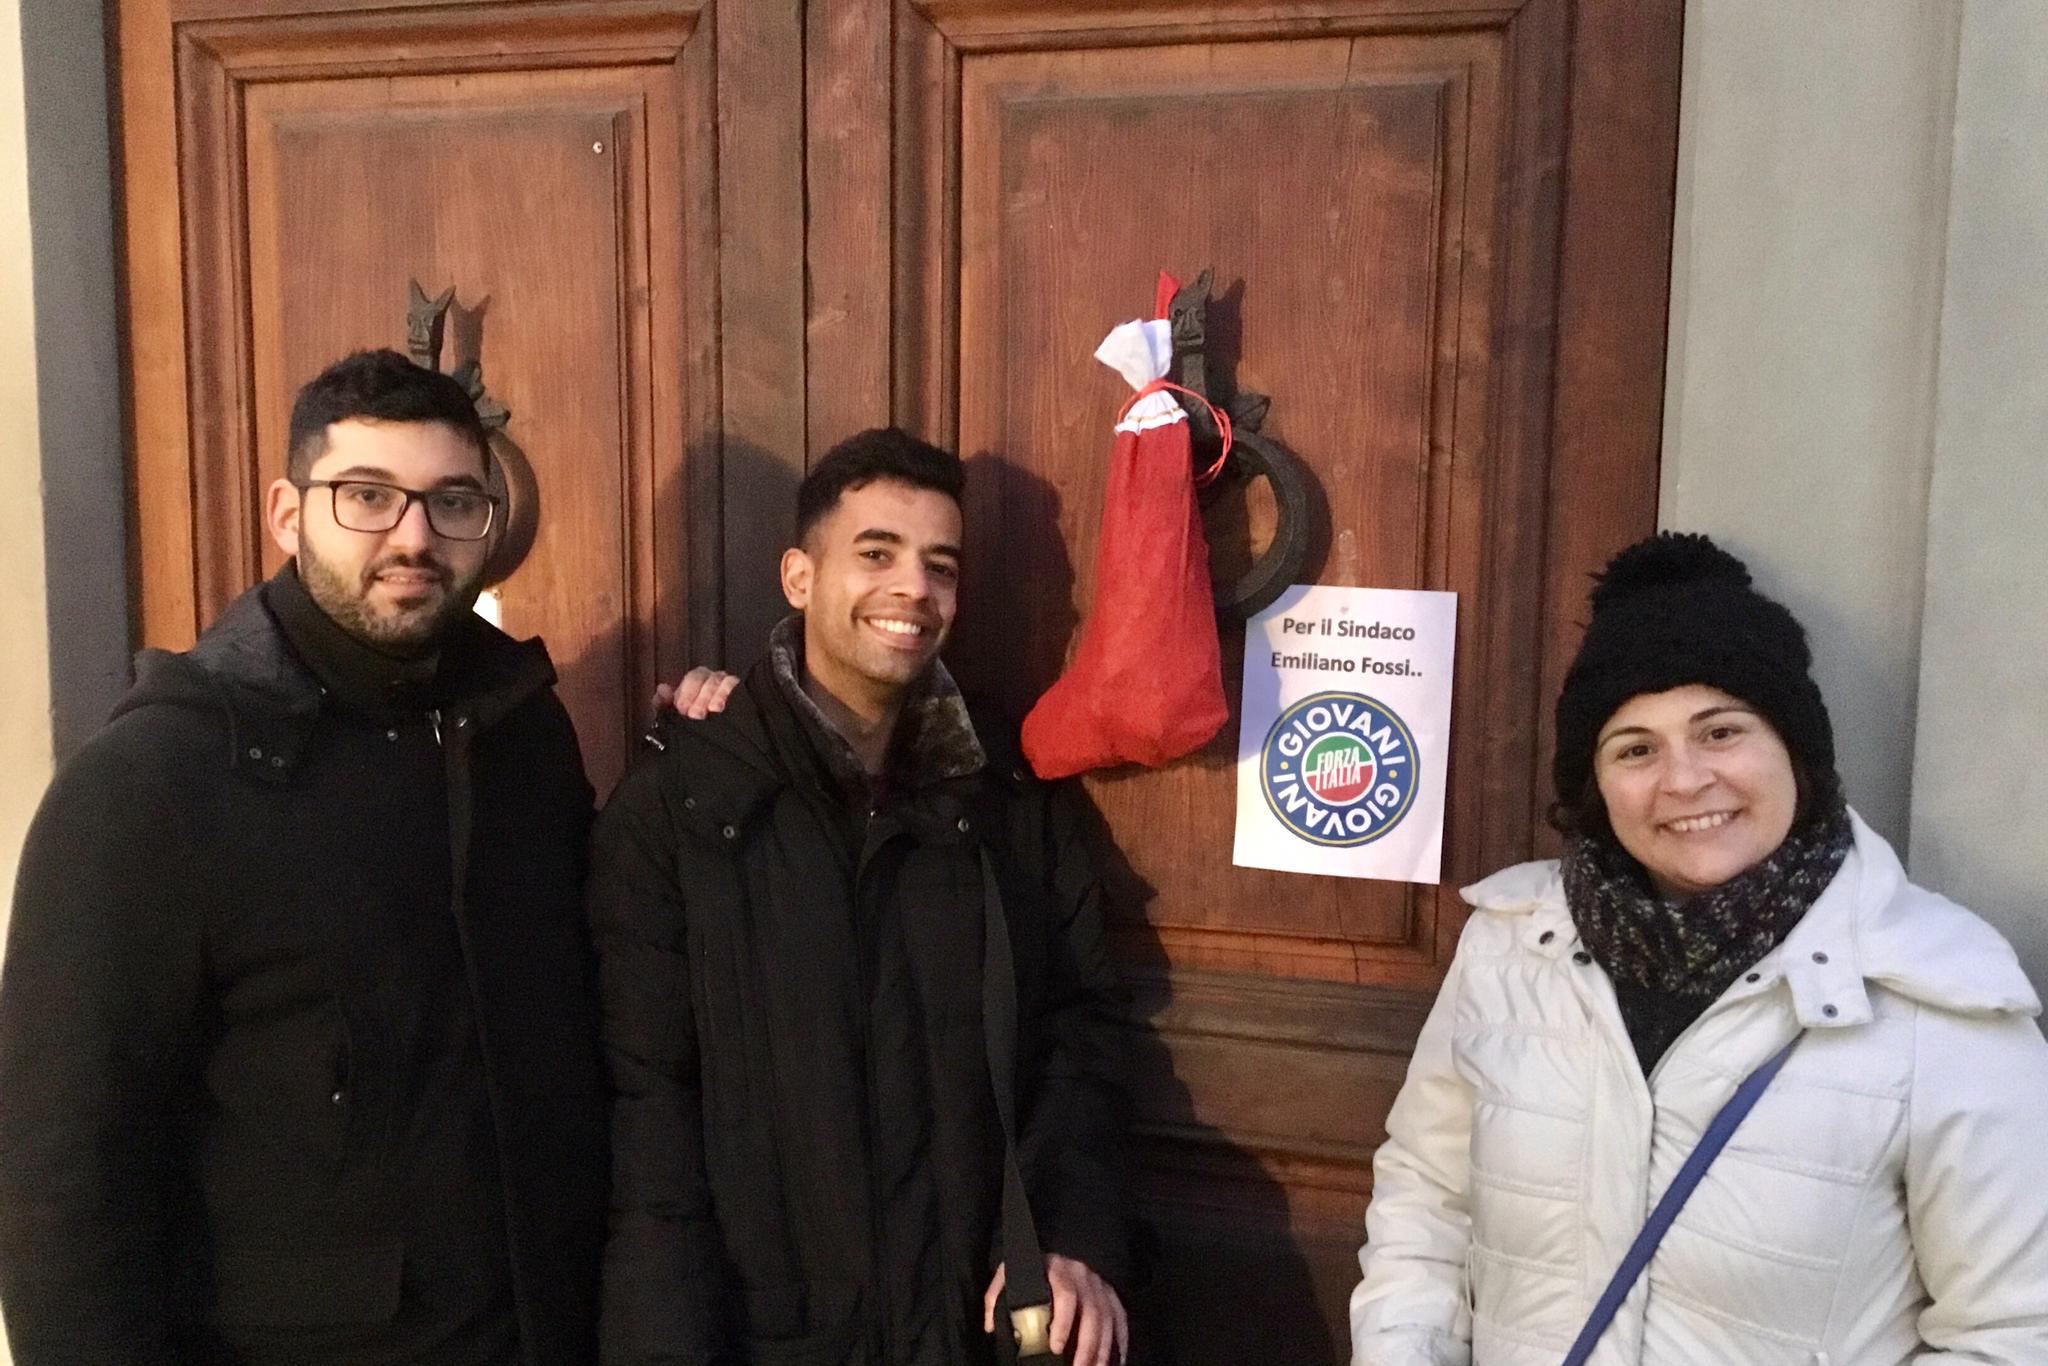 Giovani: Carbone per il sindaco di Campi